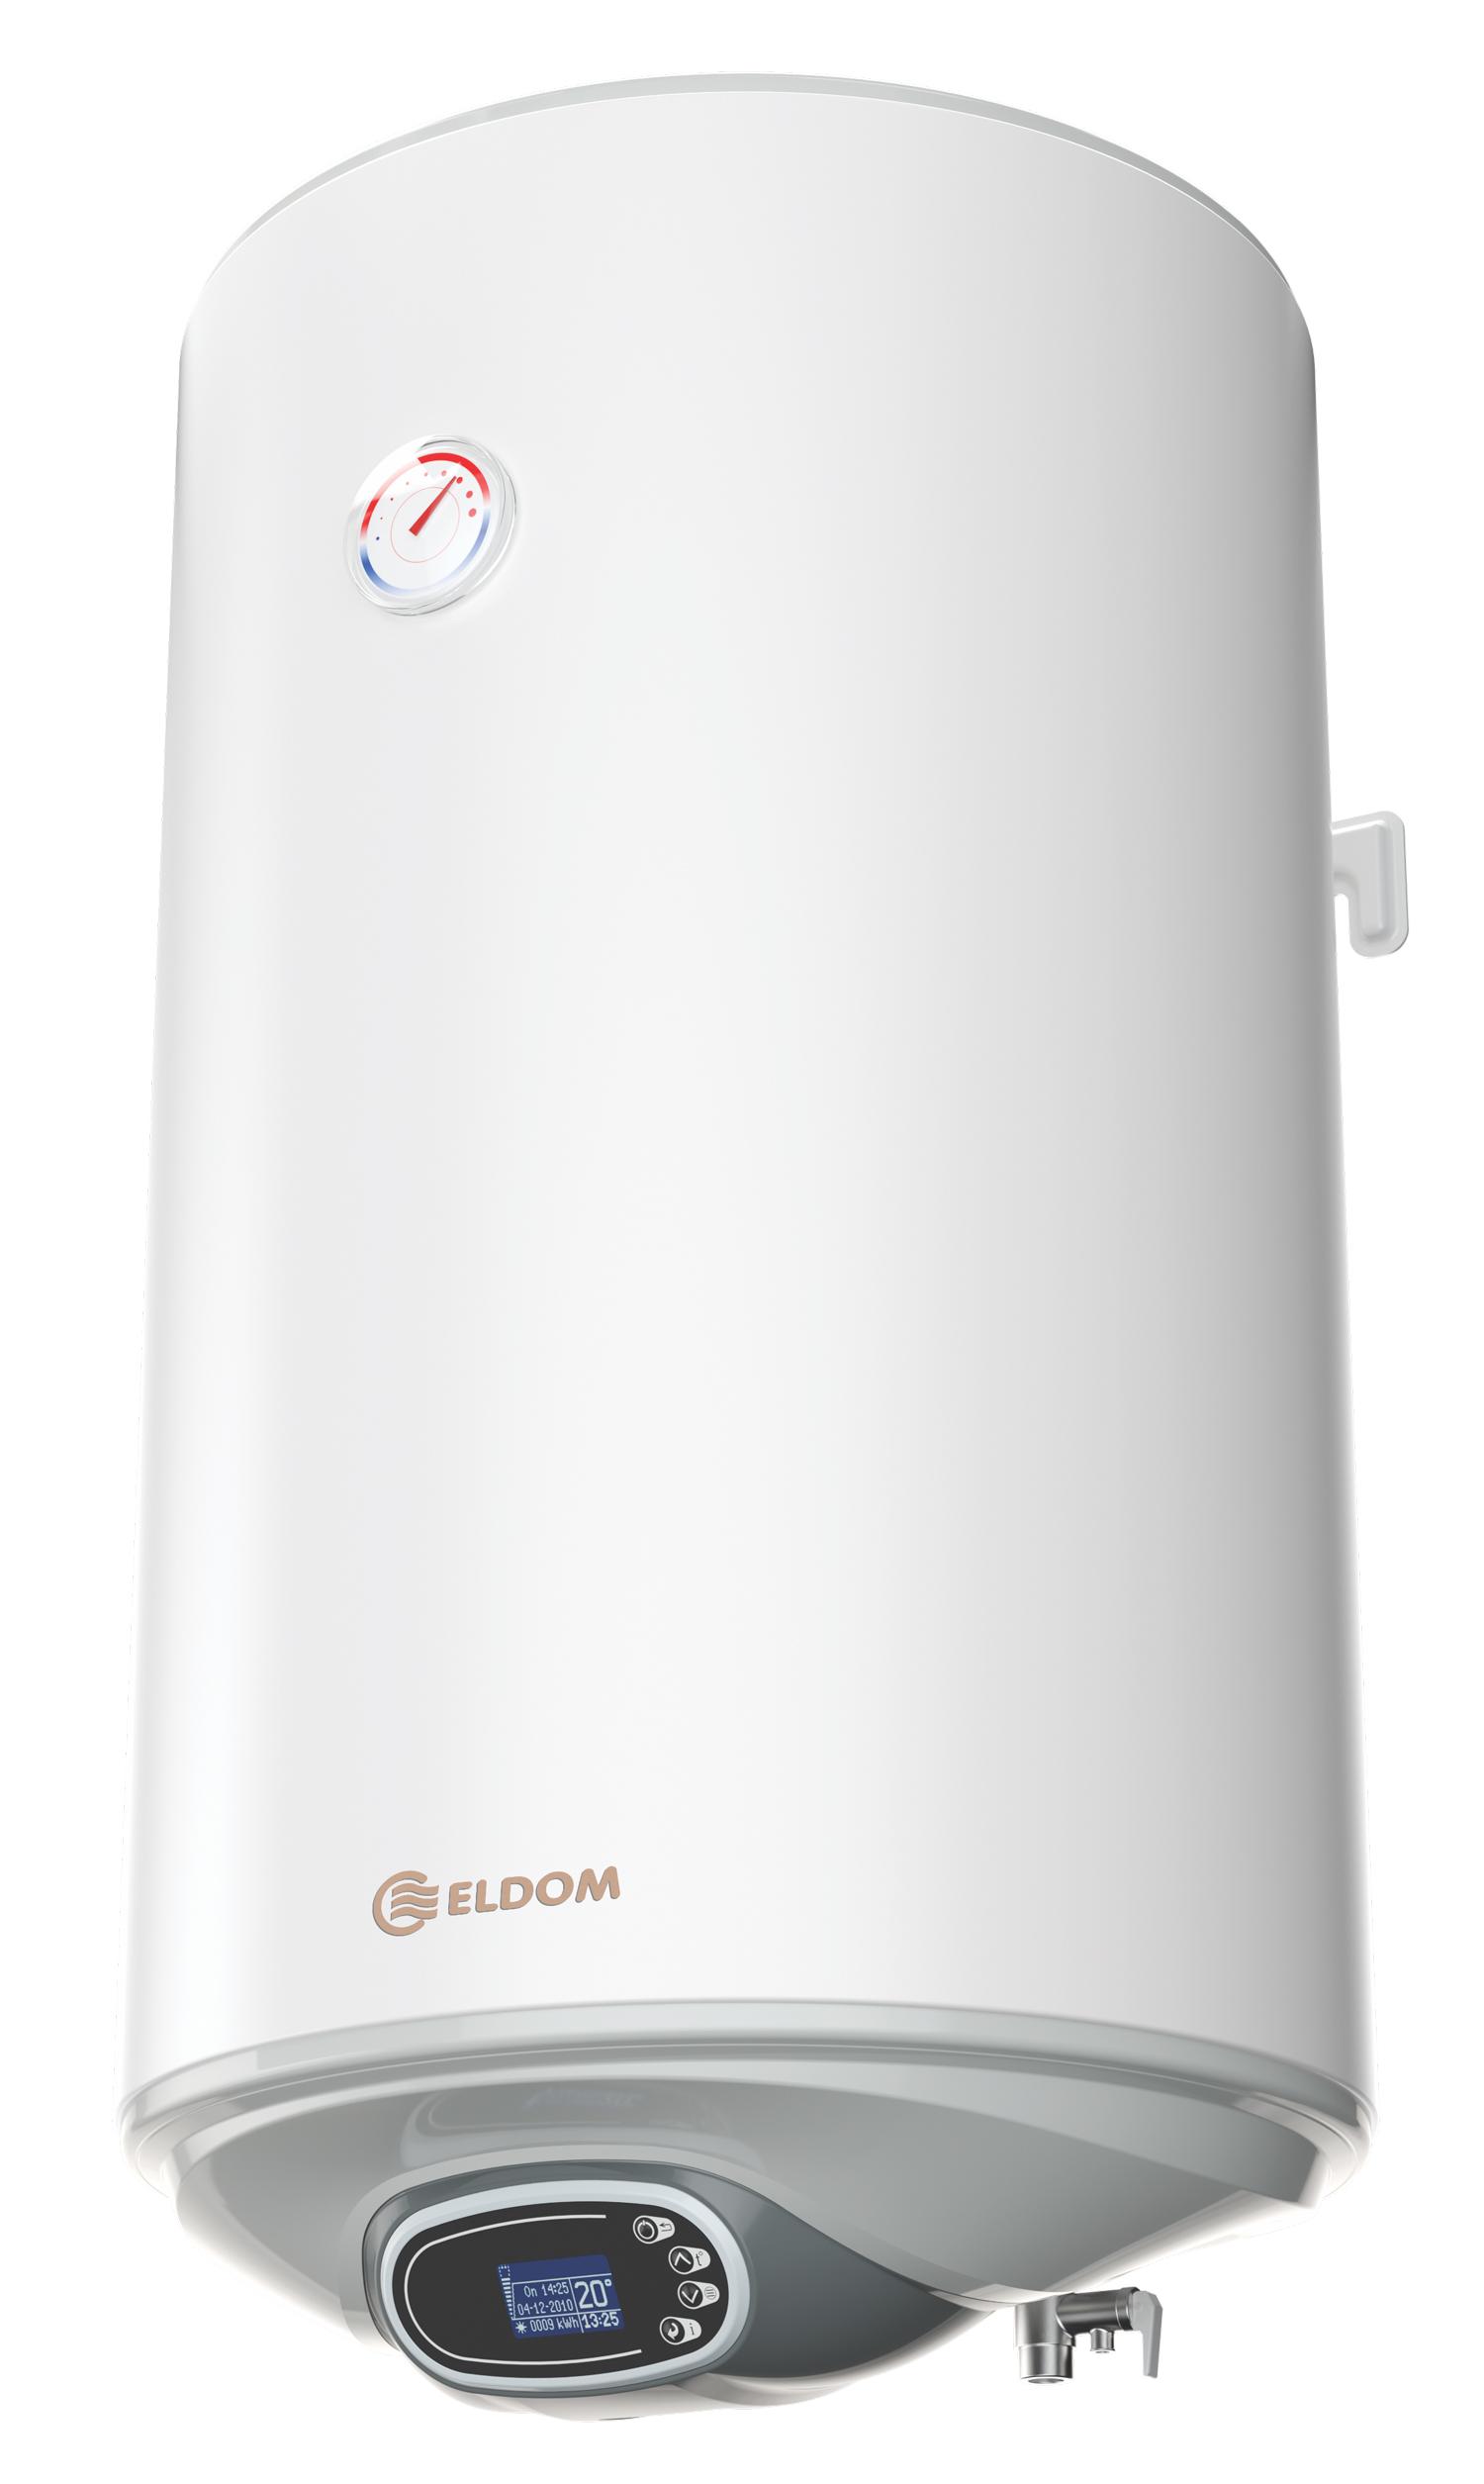 B-Ware Warmwasserspeicher Eldom Favourite Digital 80 Liter druckfest